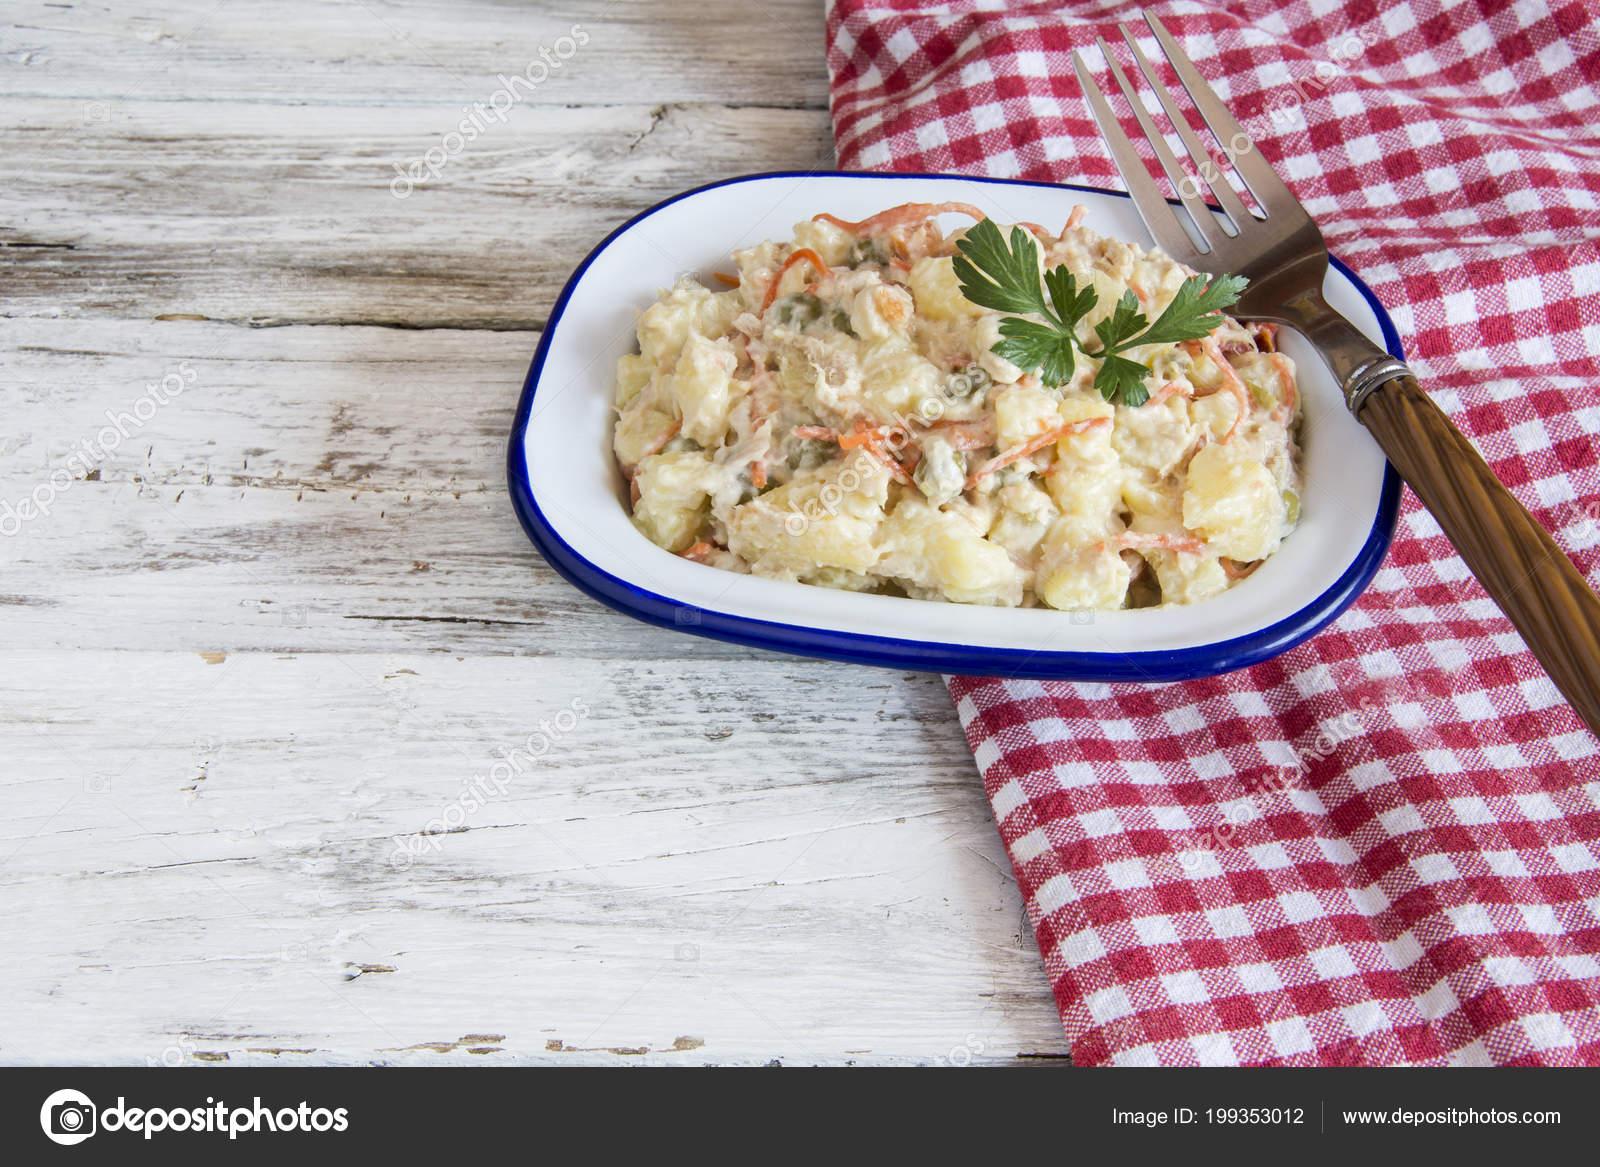 Russischer Salat Typisches Essen Spanien Stockfoto C Dulsita